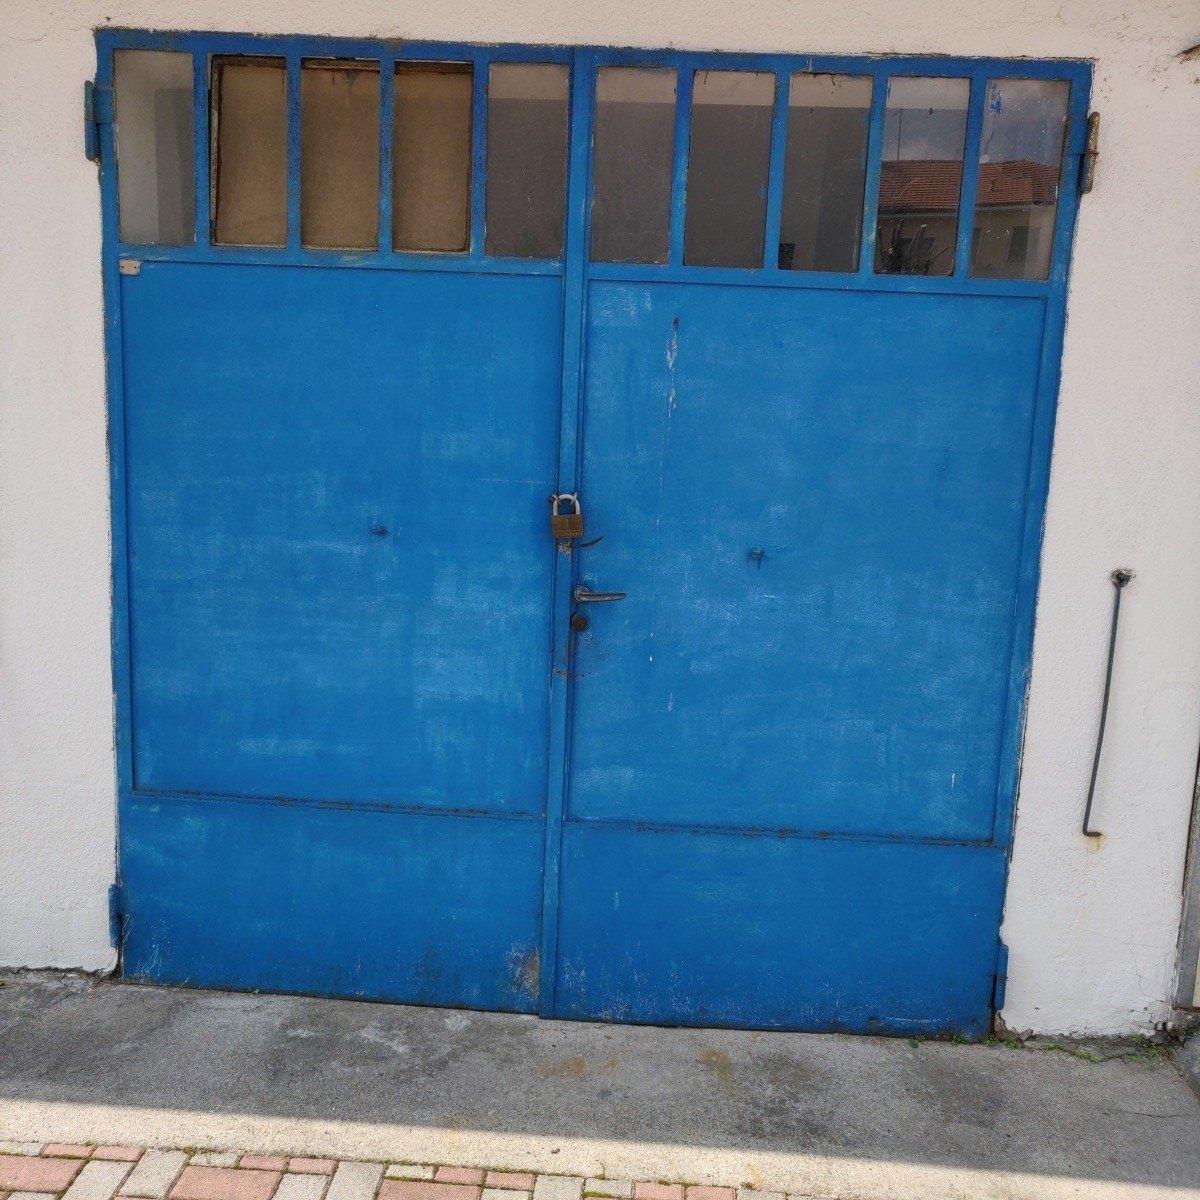 appartamento-in-vendita-via-bisi-milano-baggio-2-locali-bilocale-spaziourbano-immobiliare-vende-6